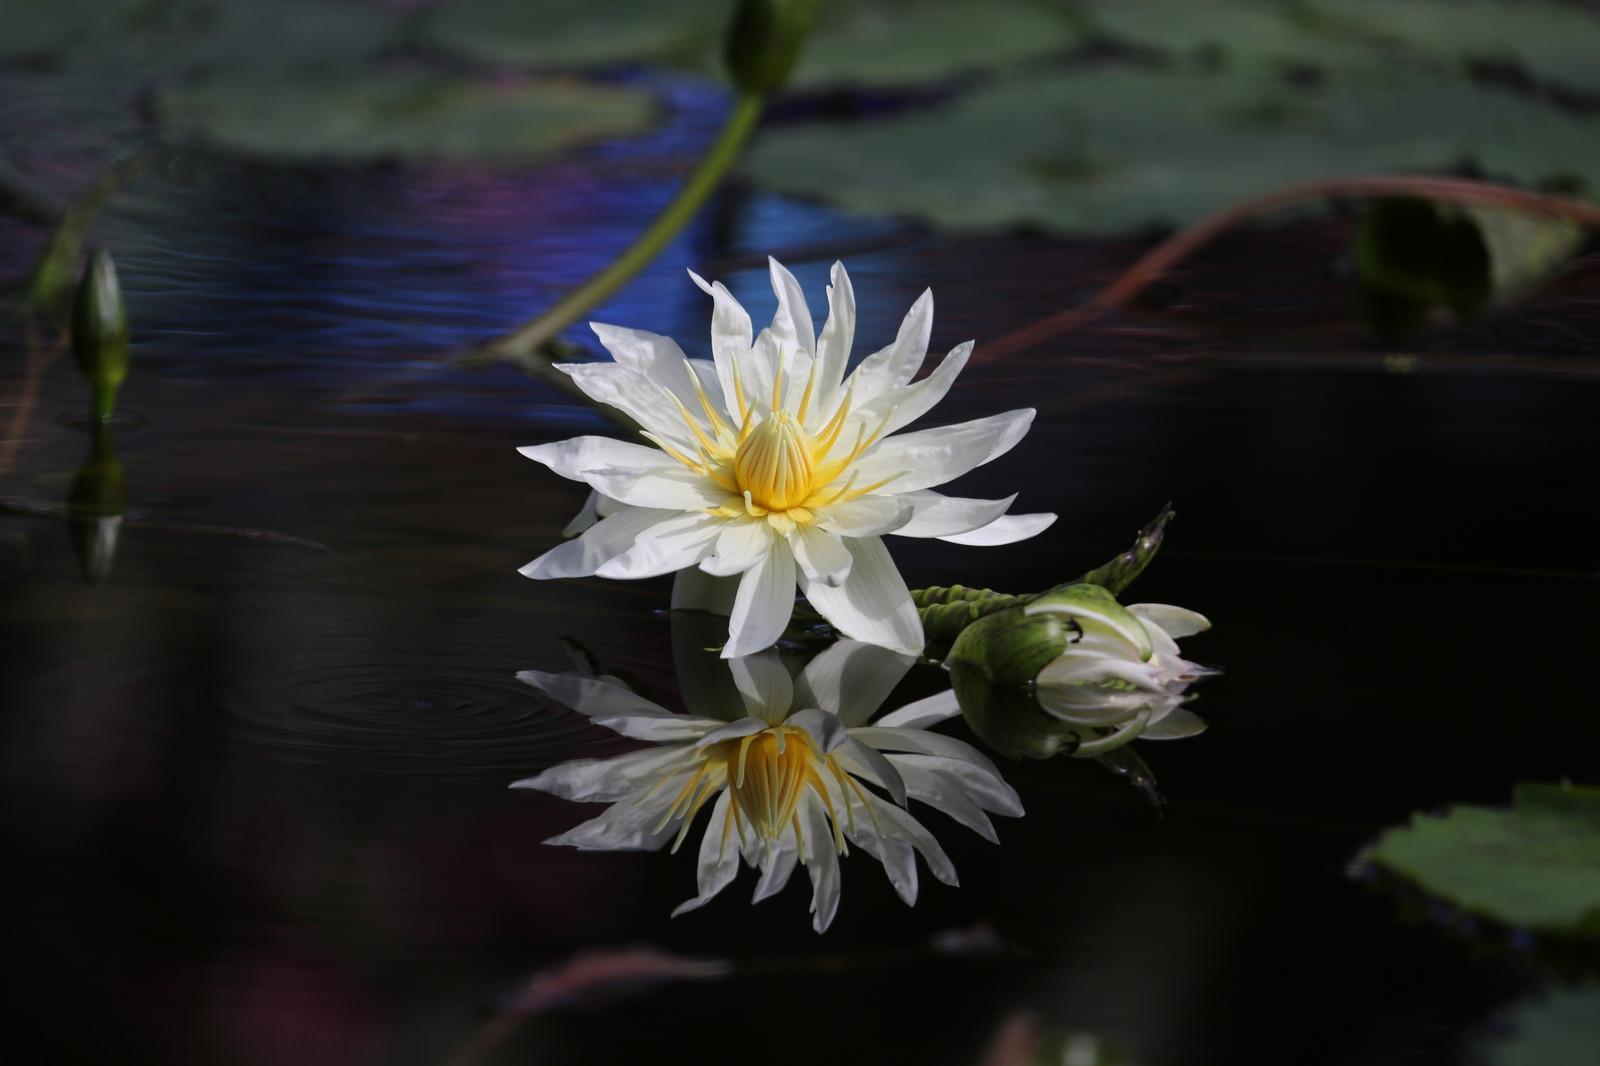 「水面に浮かぶ睡蓮」の写真